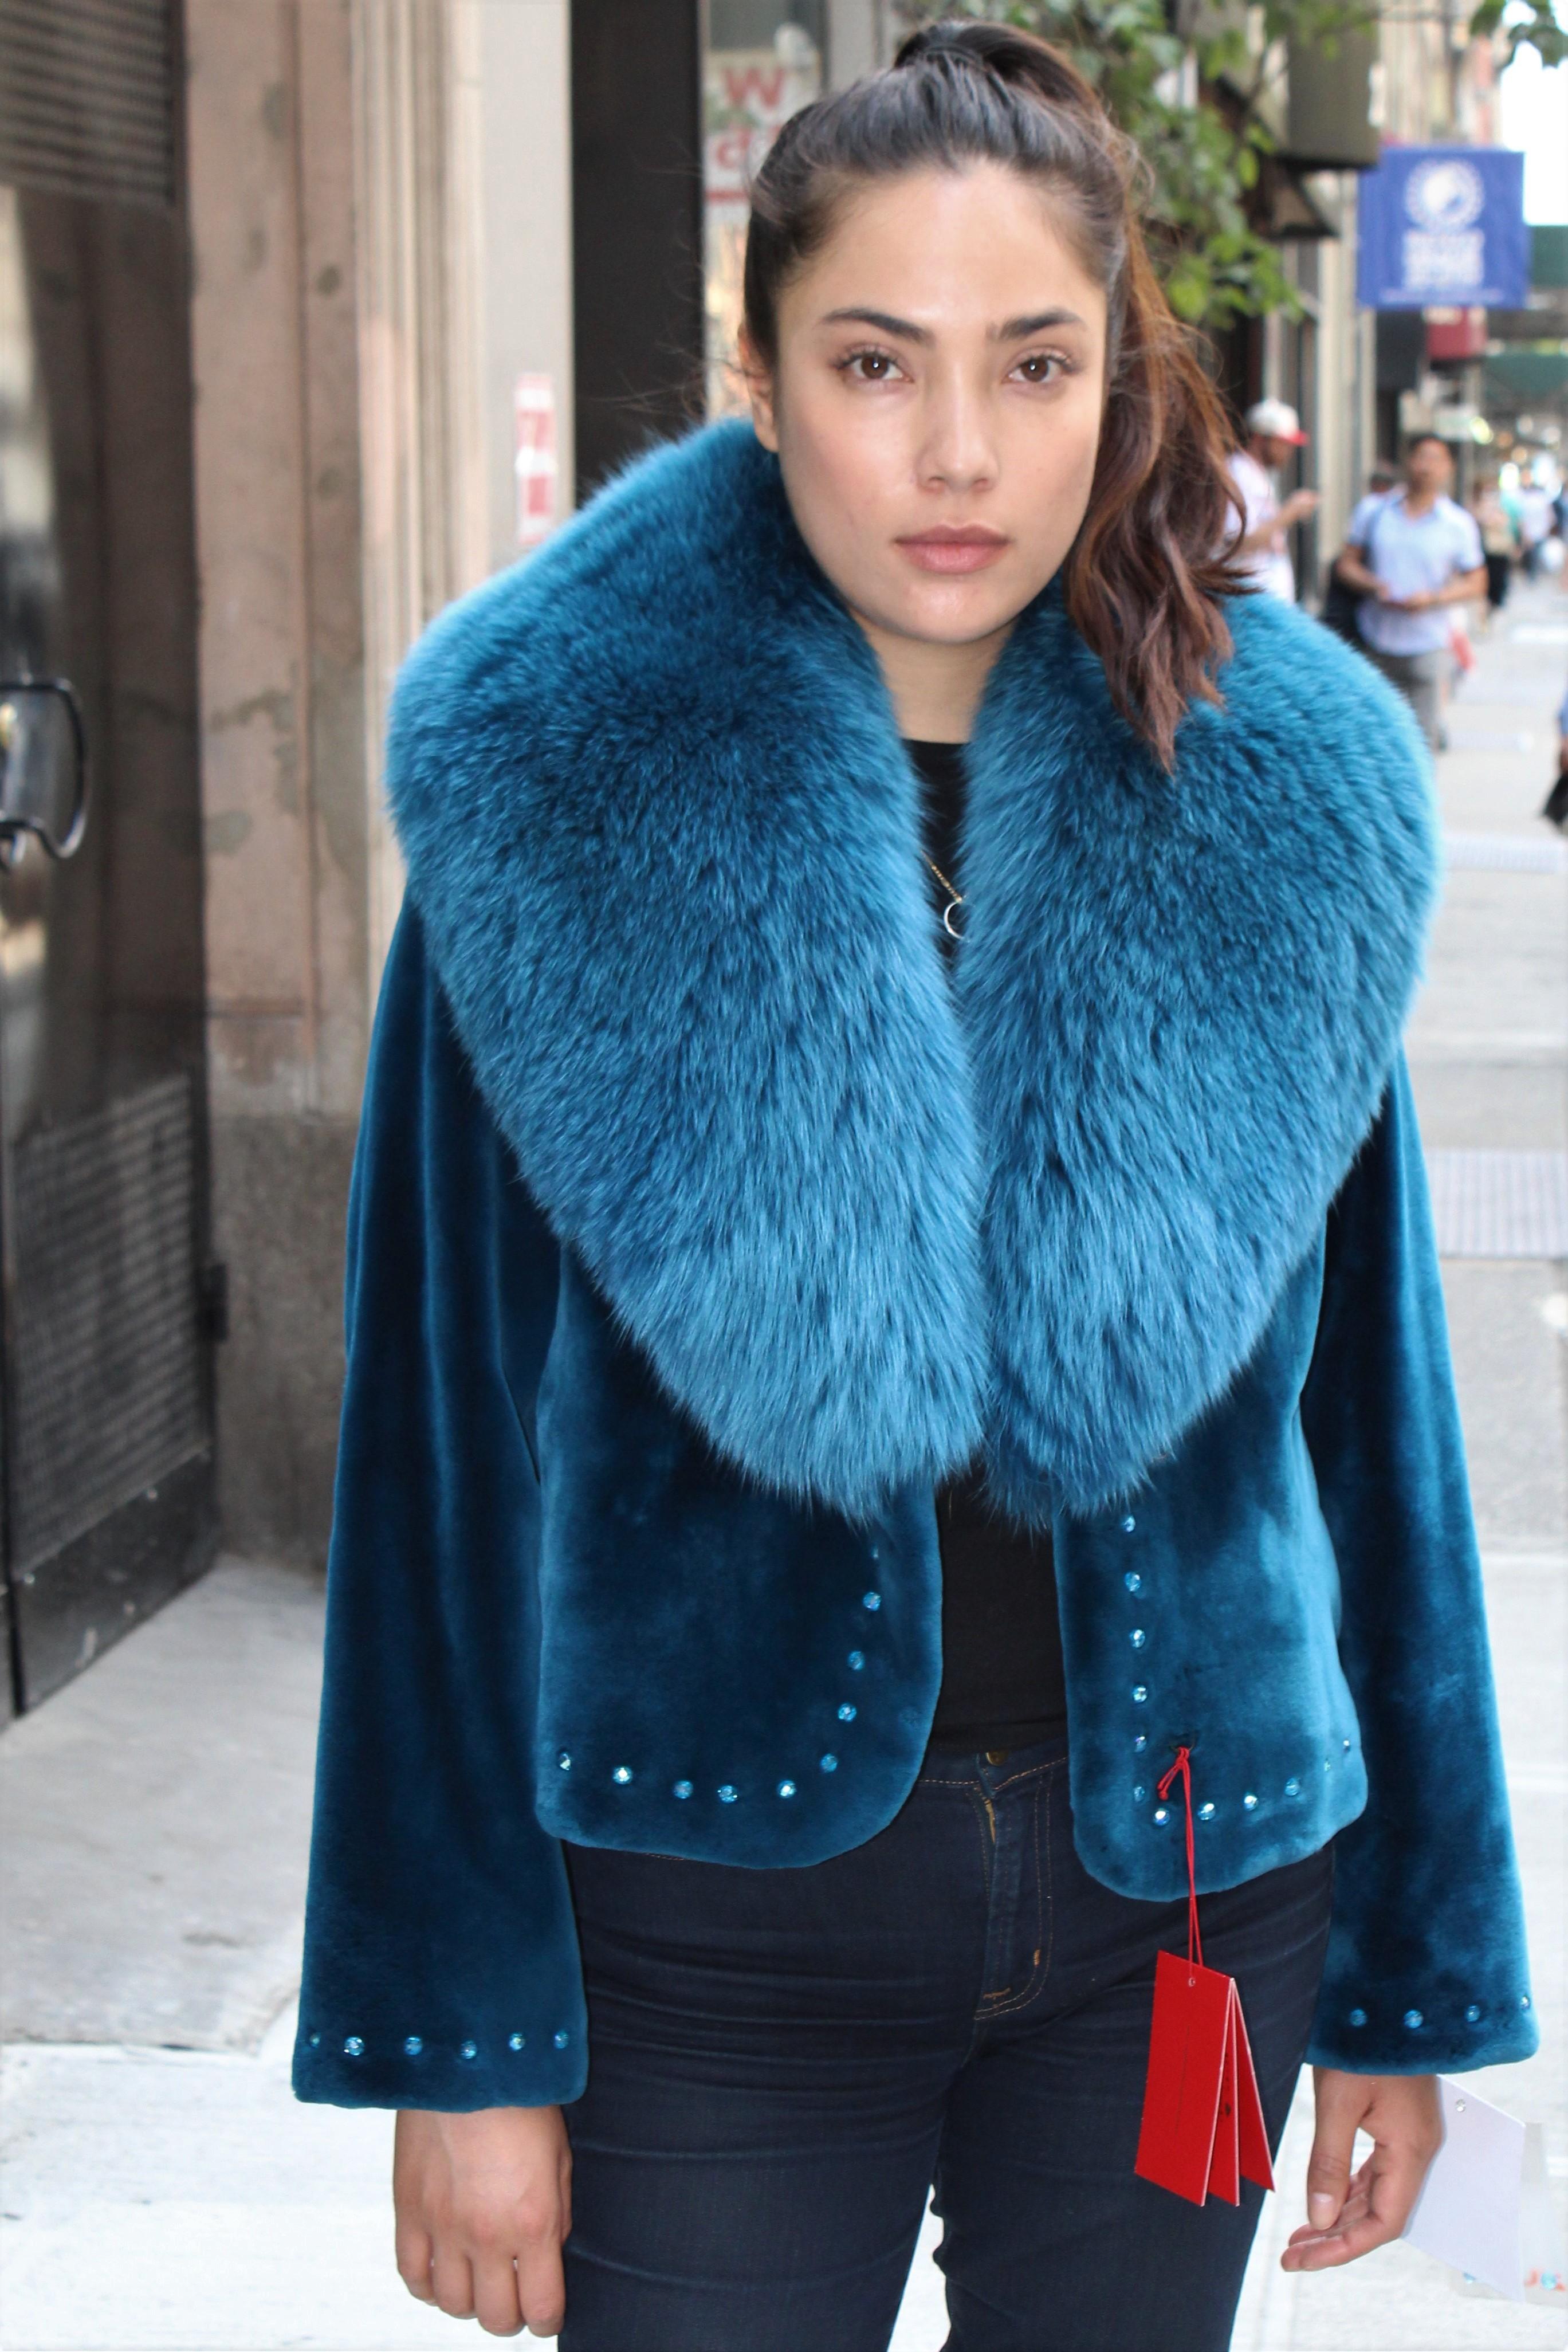 Zuki Blue Sheared Beaver Jacket Fox Collar